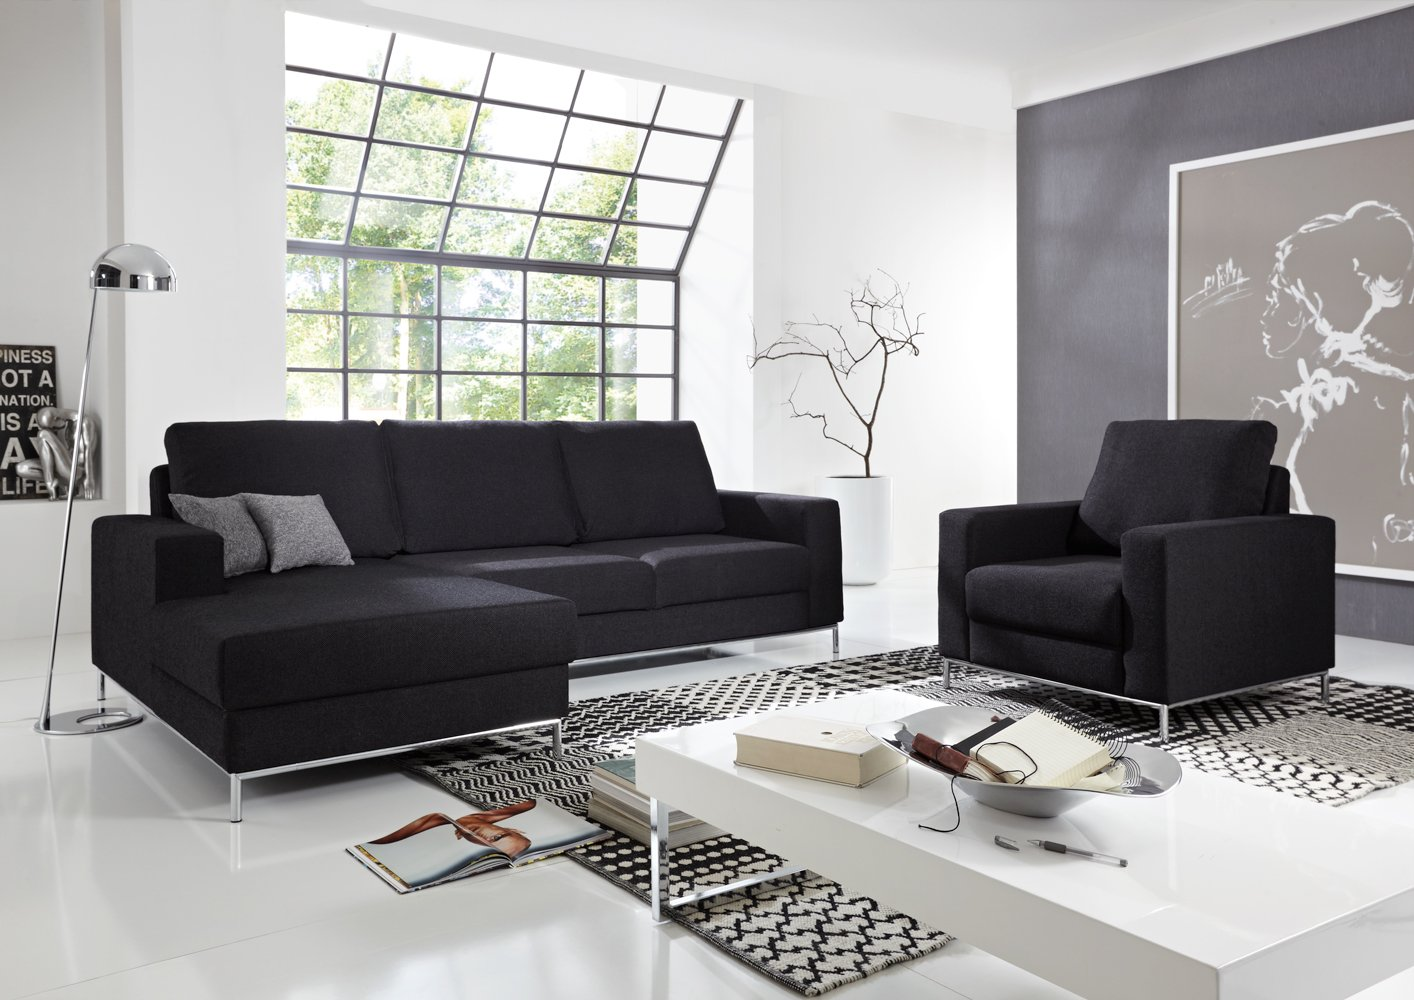 Silverline Sofa – Made in Germany – Freie Farbwahl ohne Aufpreis aus unseren Bezugsstoffen (außer Echtleder)– Nahezu jedes Sondermaß möglich! Sprechen Sie uns an. Info unter 05226-9845045 oder info@highlight-polstermoebel.de